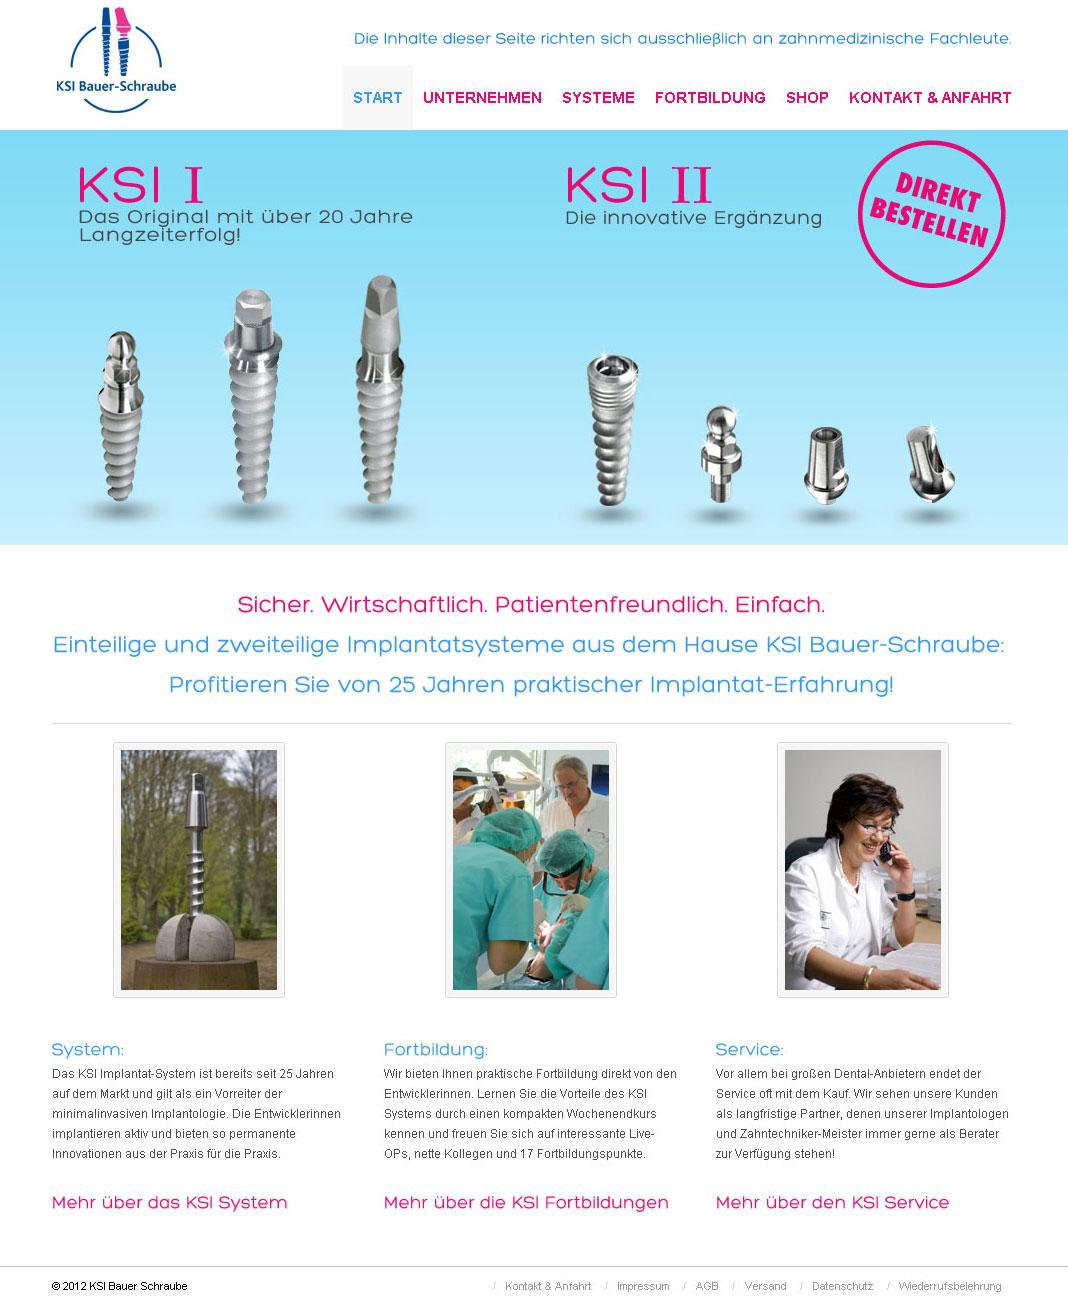 Wordpress Webdesign K.S.I. Bauer Schraube